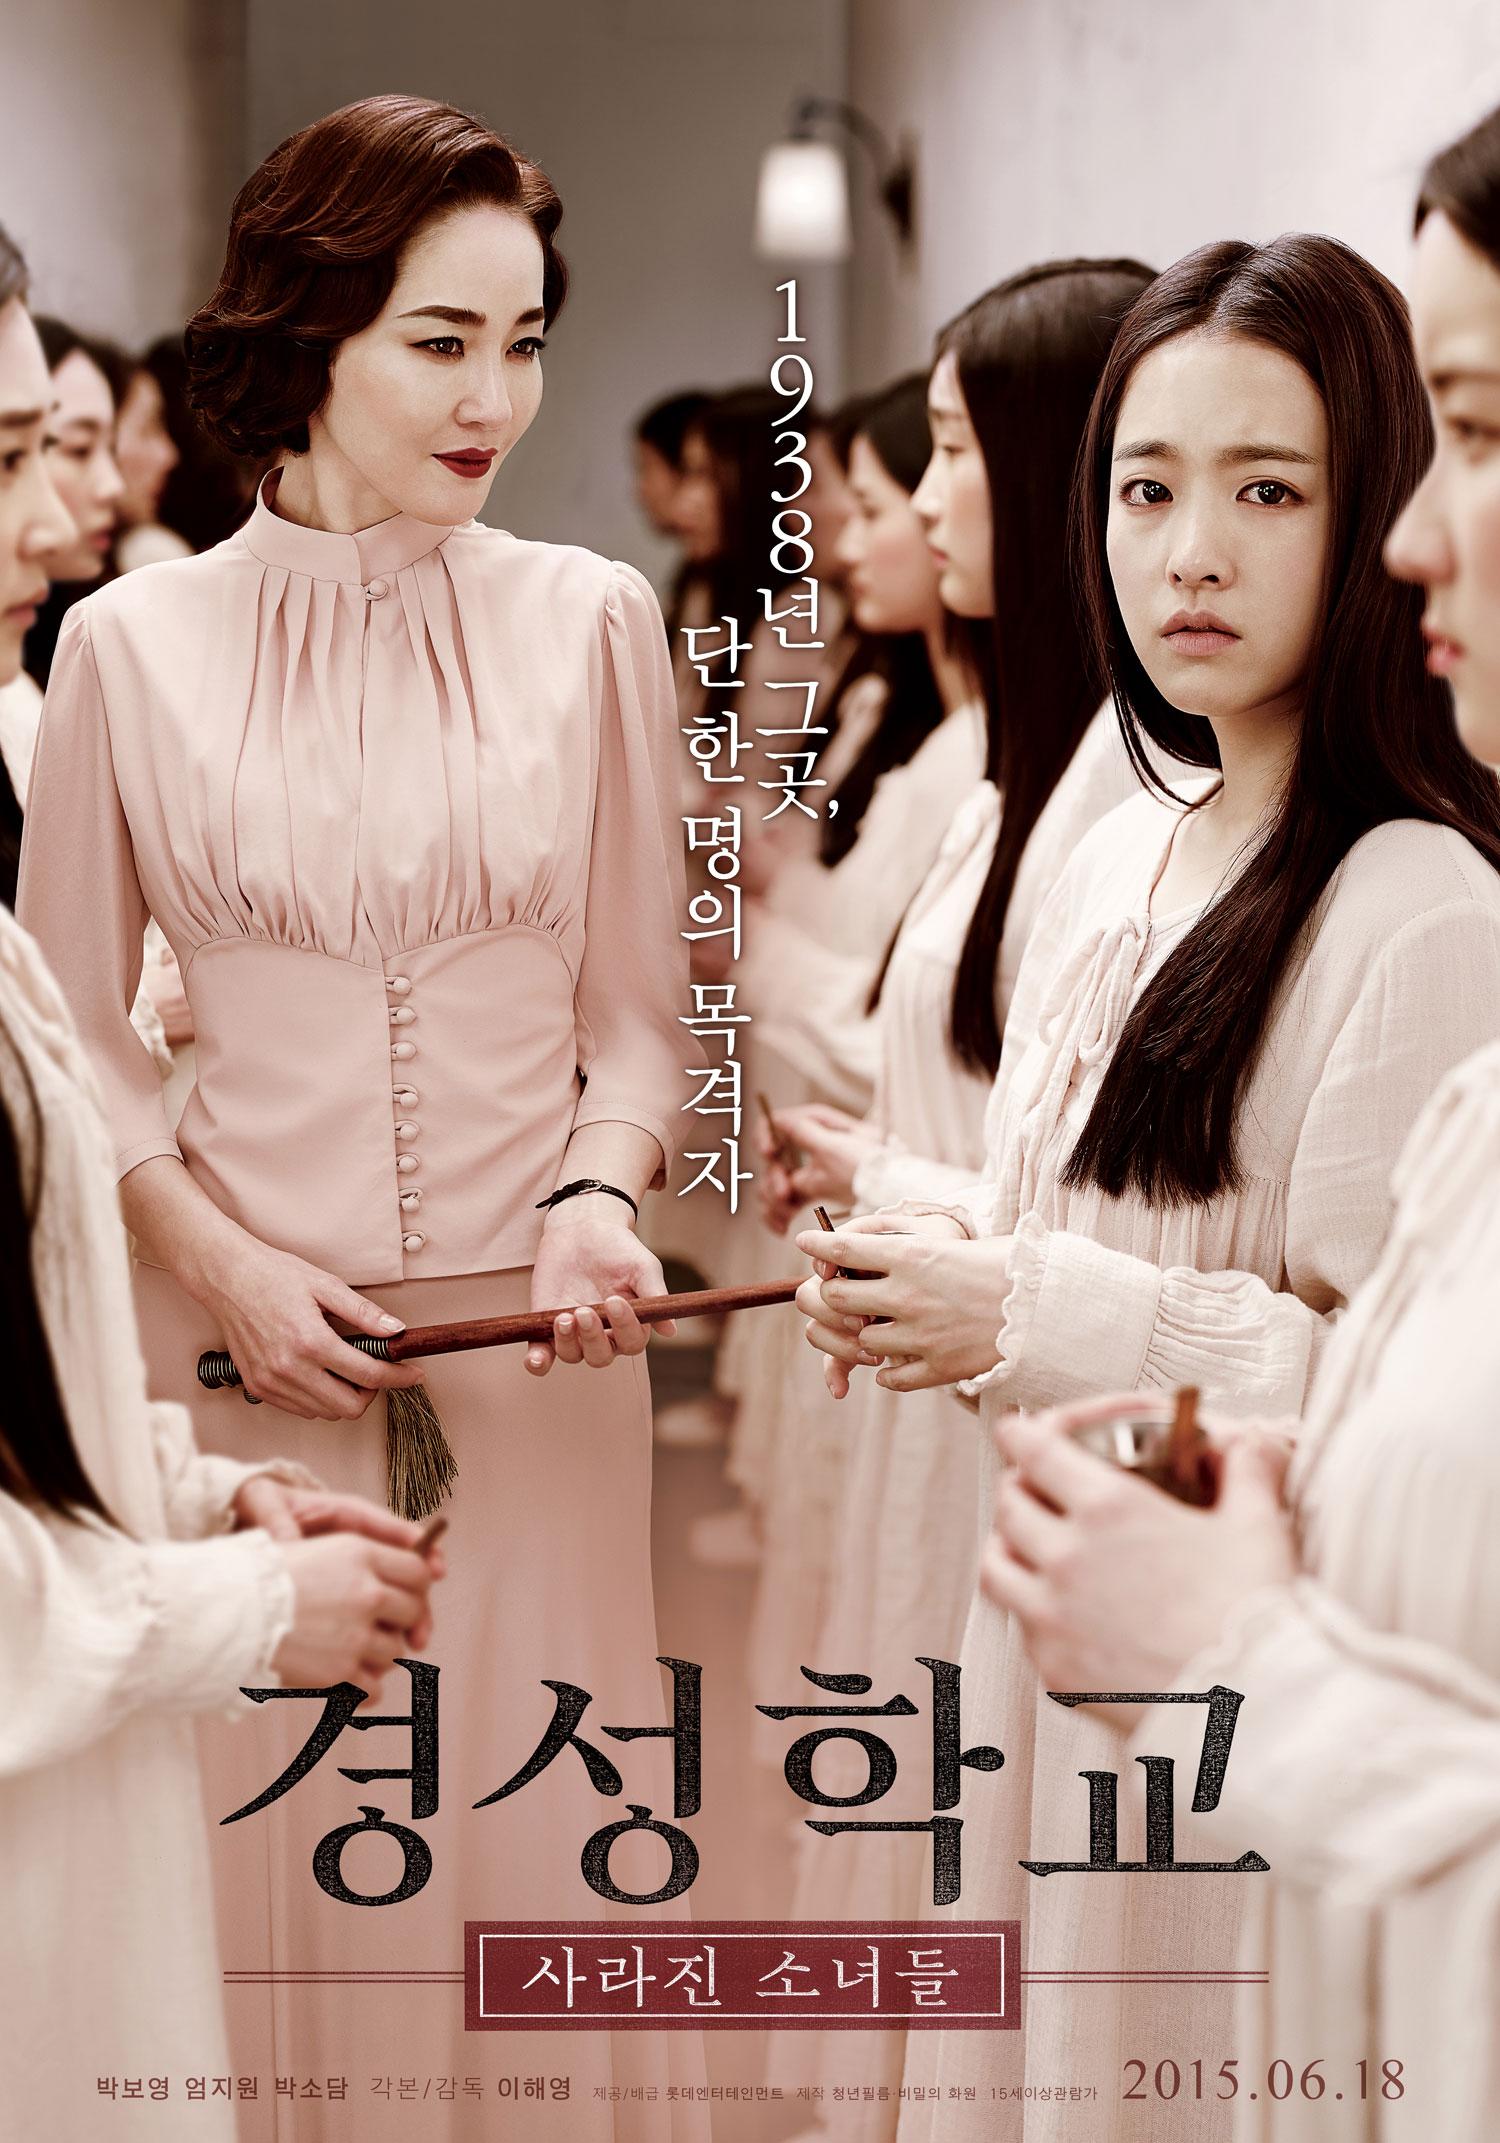 경성학교: 사라진 소녀들 포스터